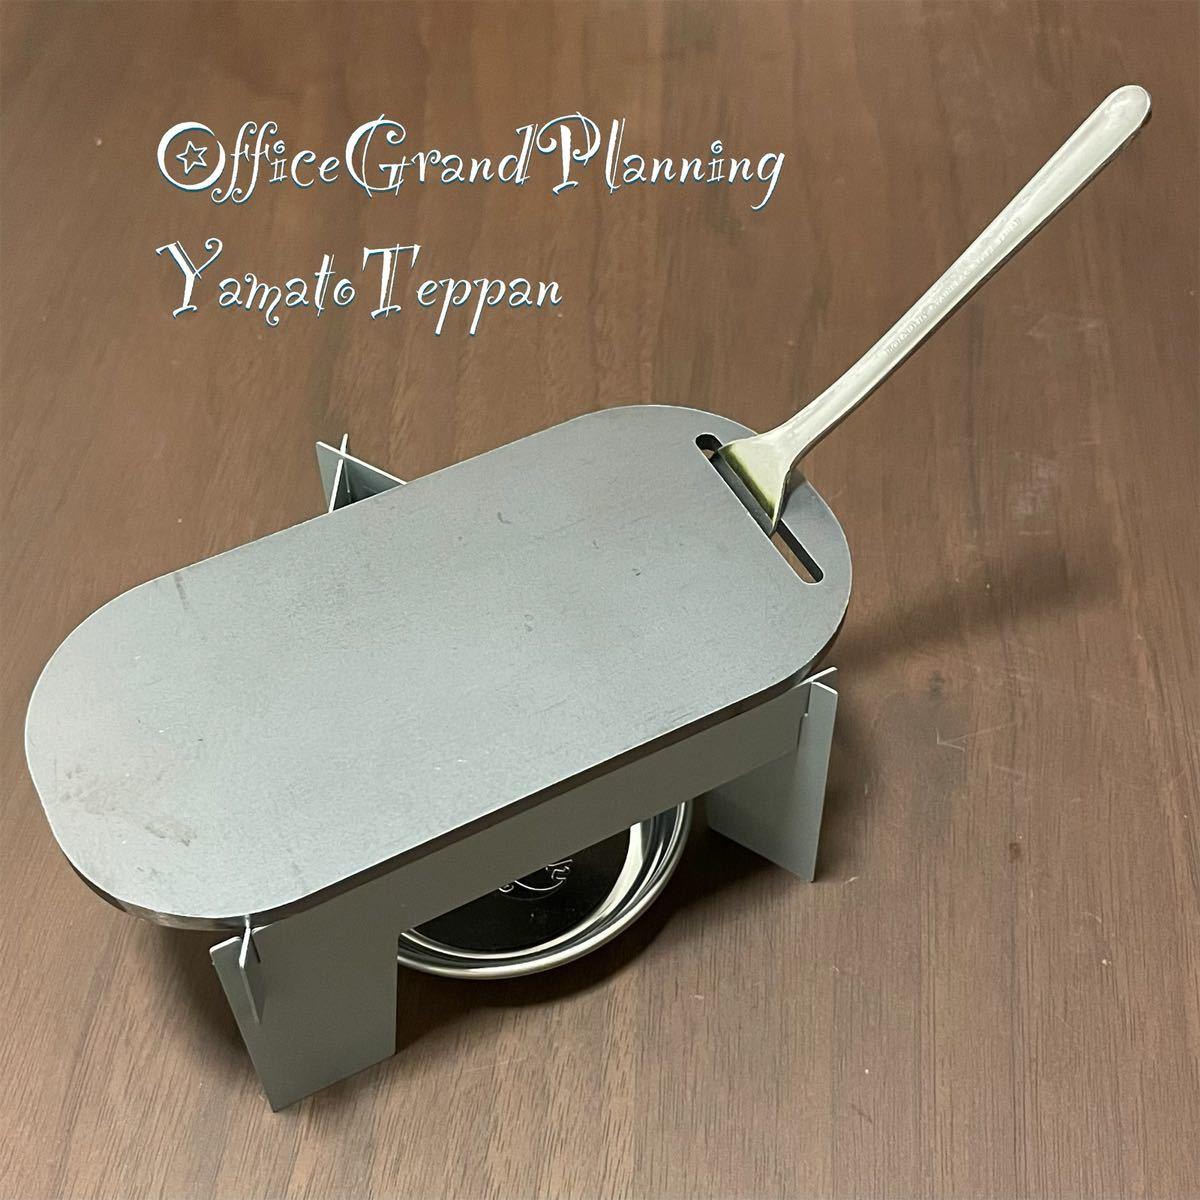 ダイソー メスティン ゴトク 収納 4.5ミリ 鉄板 トング ヘラ 小皿 まな板 ニット収納袋 芝犬 スターターセット 大和鉄板